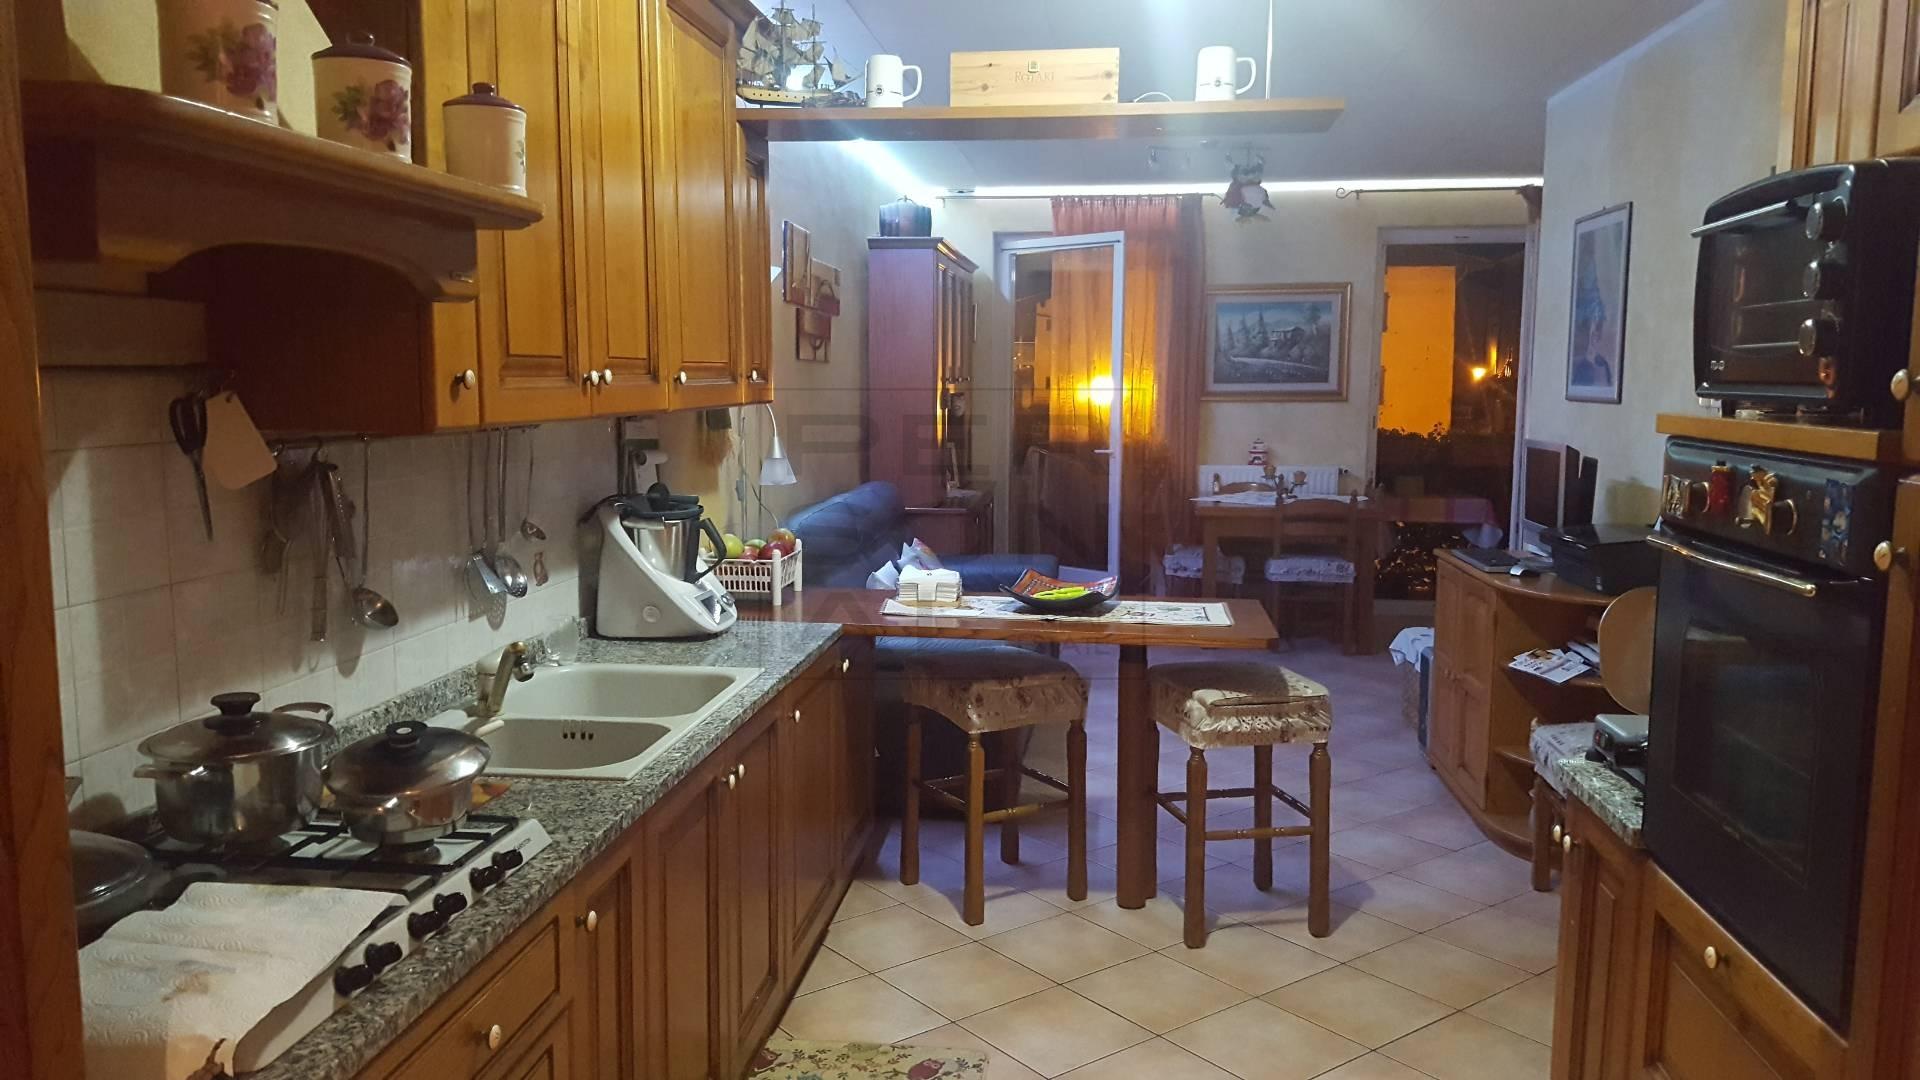 Appartamento in vendita a San Michele all'Adige, 3 locali, zona Località: SanMichele, prezzo € 158.000 | CambioCasa.it